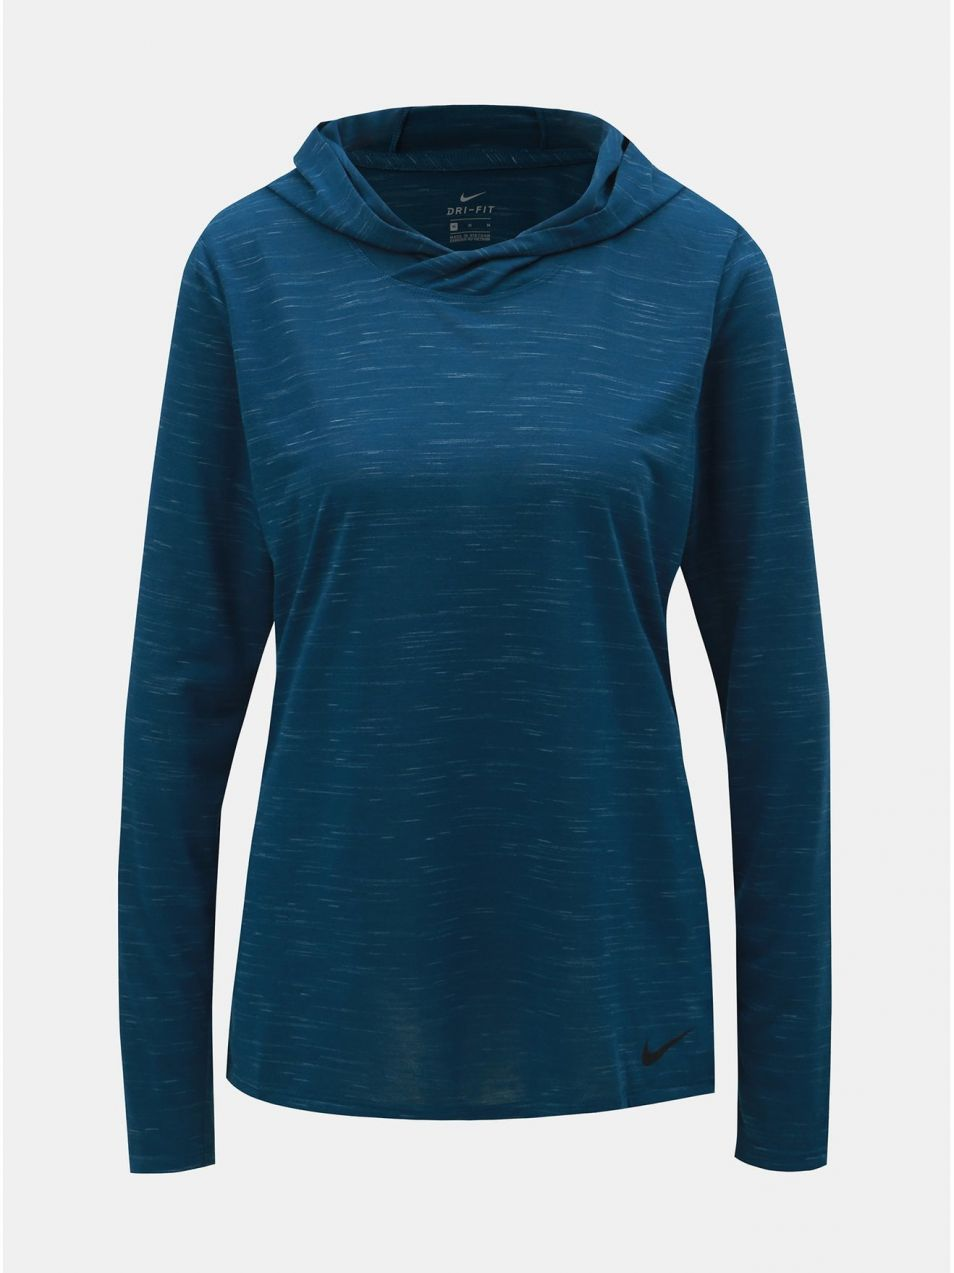 Modré dámske melírované tričko s dlhým rukávom a kapucňou Nike ... 5088b9fa4ad